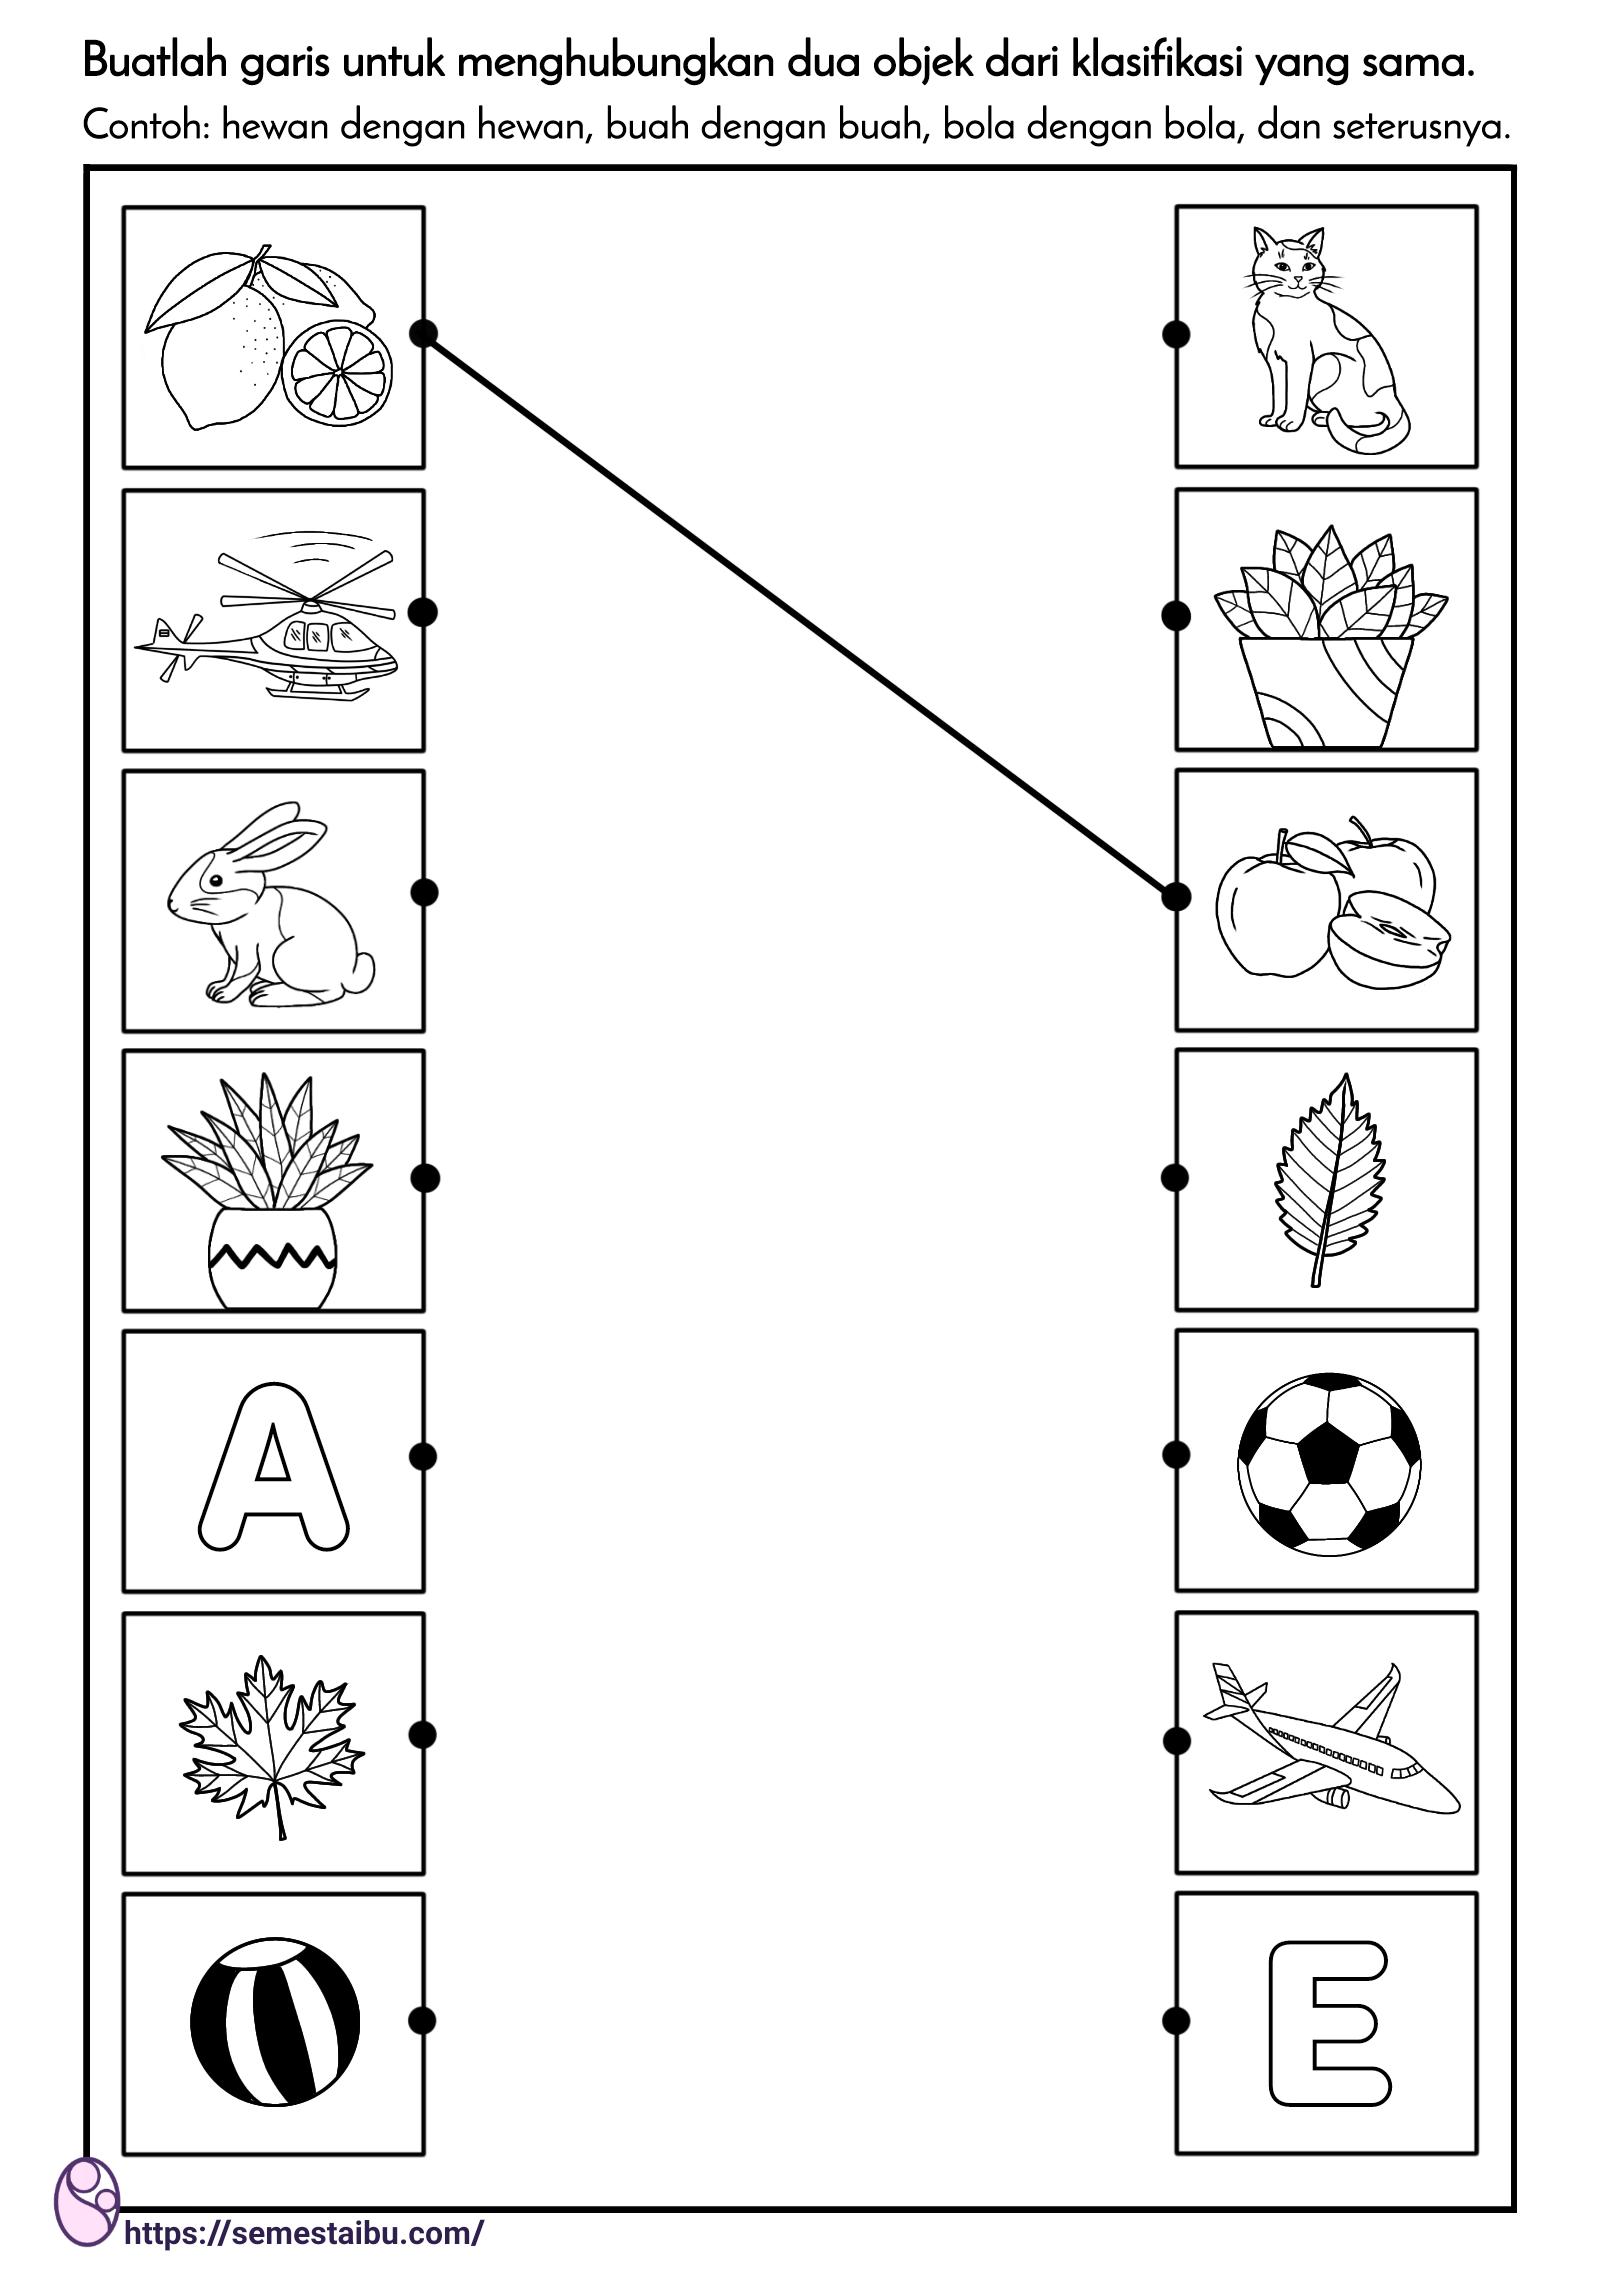 lembar kerja anak tk - menghubungkan gambar objek yang sejenis